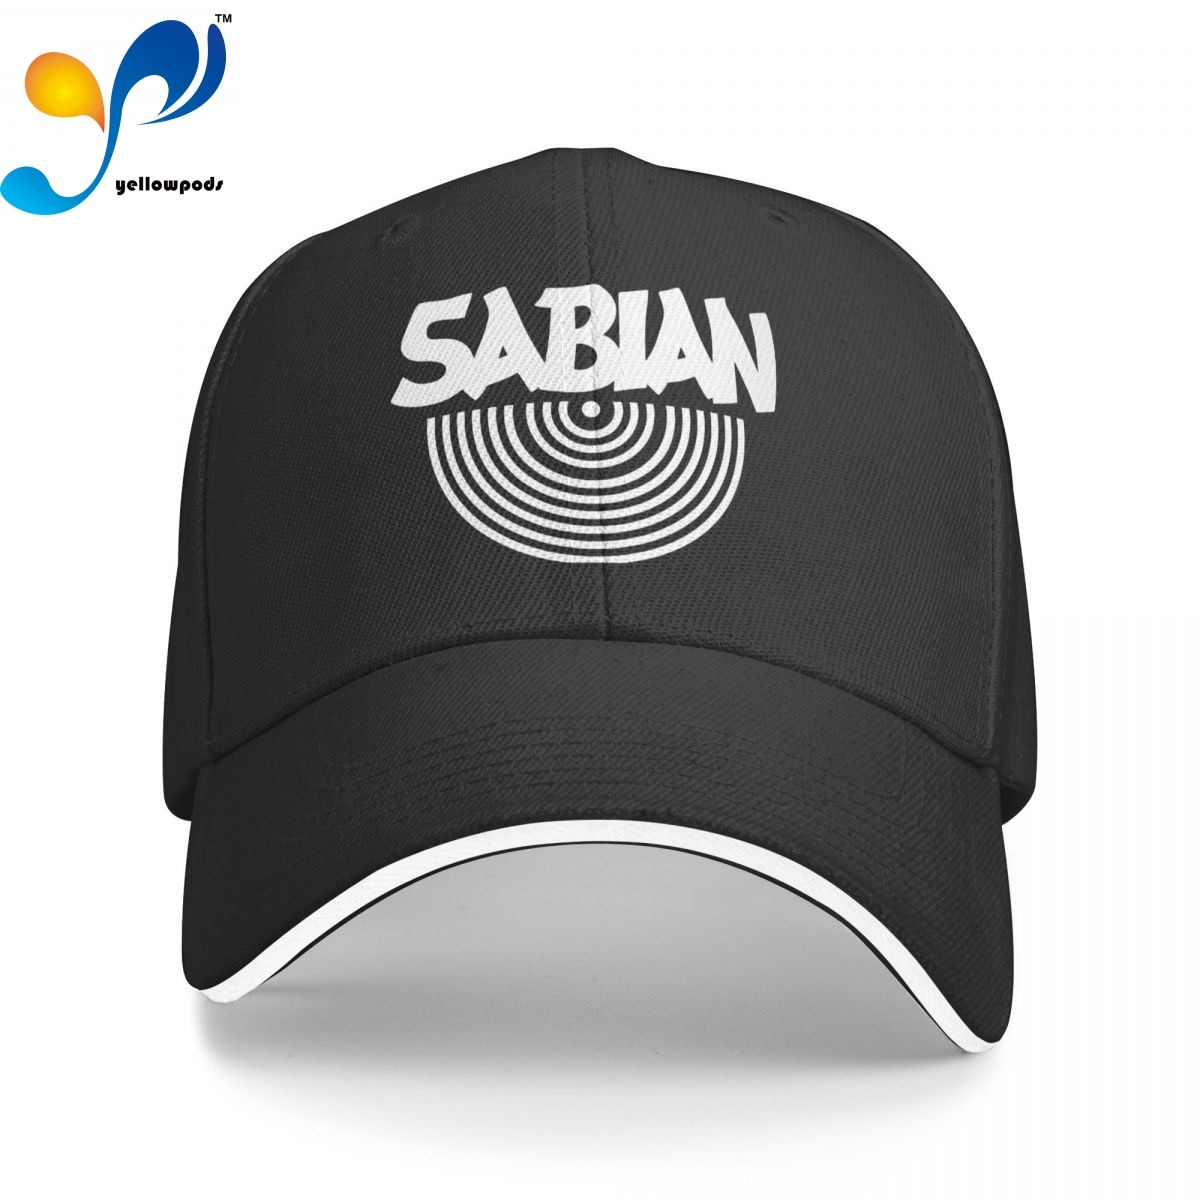 Бейсболка унисекс с логотипом Sabian Cymbals, регулируемые бейсболки, шапки с клапаном для мужчин и женщин